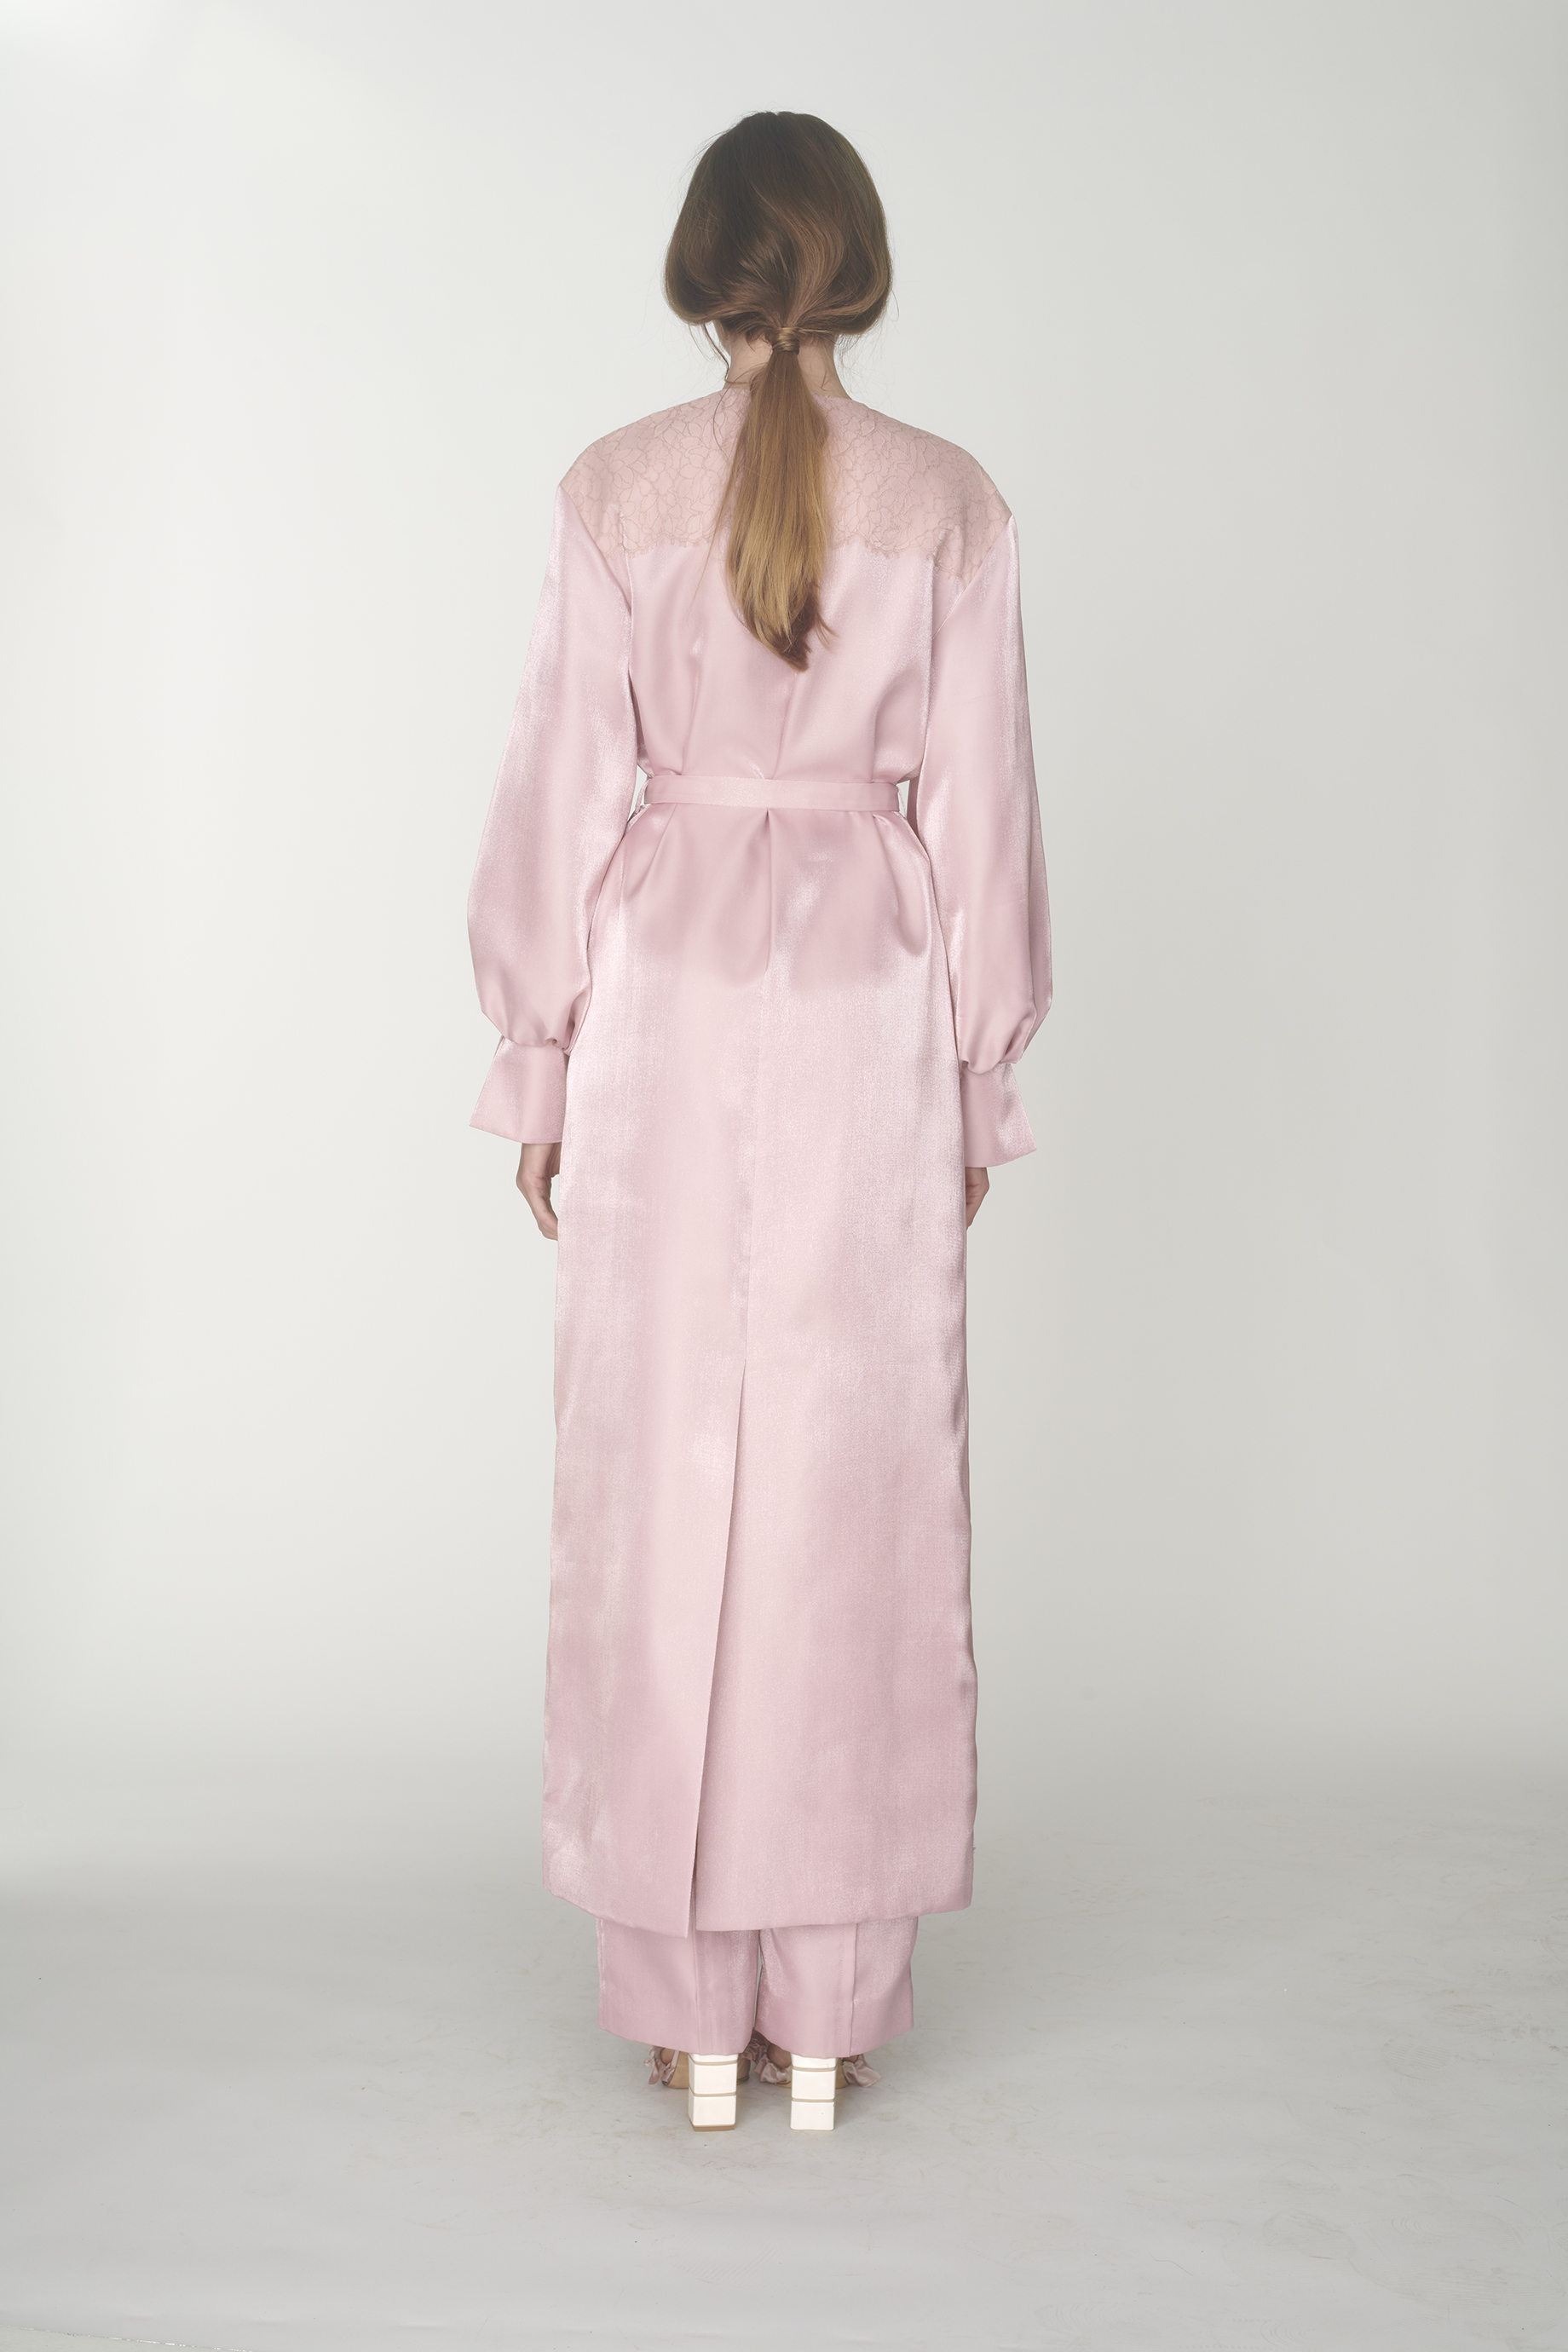 Lace embellished long robe